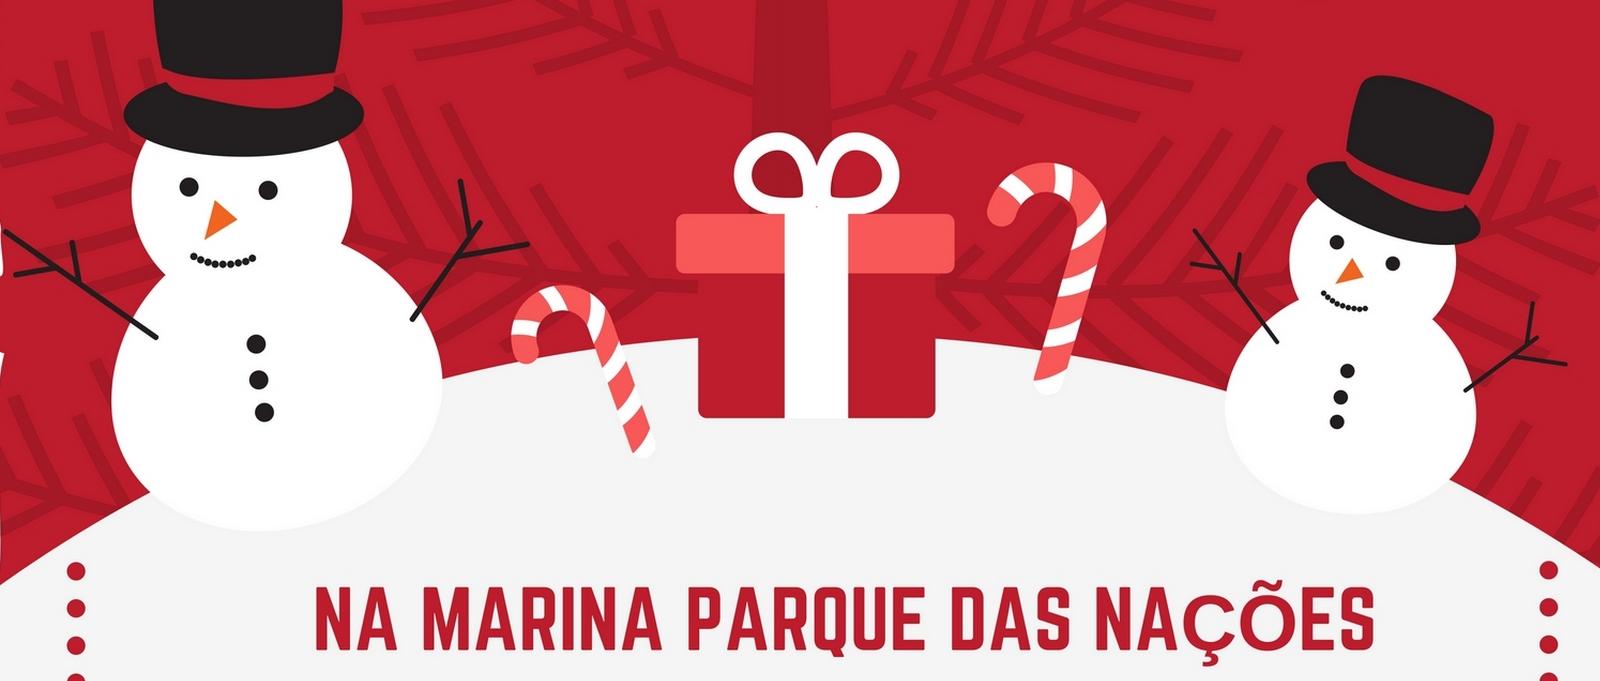 marina-parque-das-nacoes-ferias-de-natal